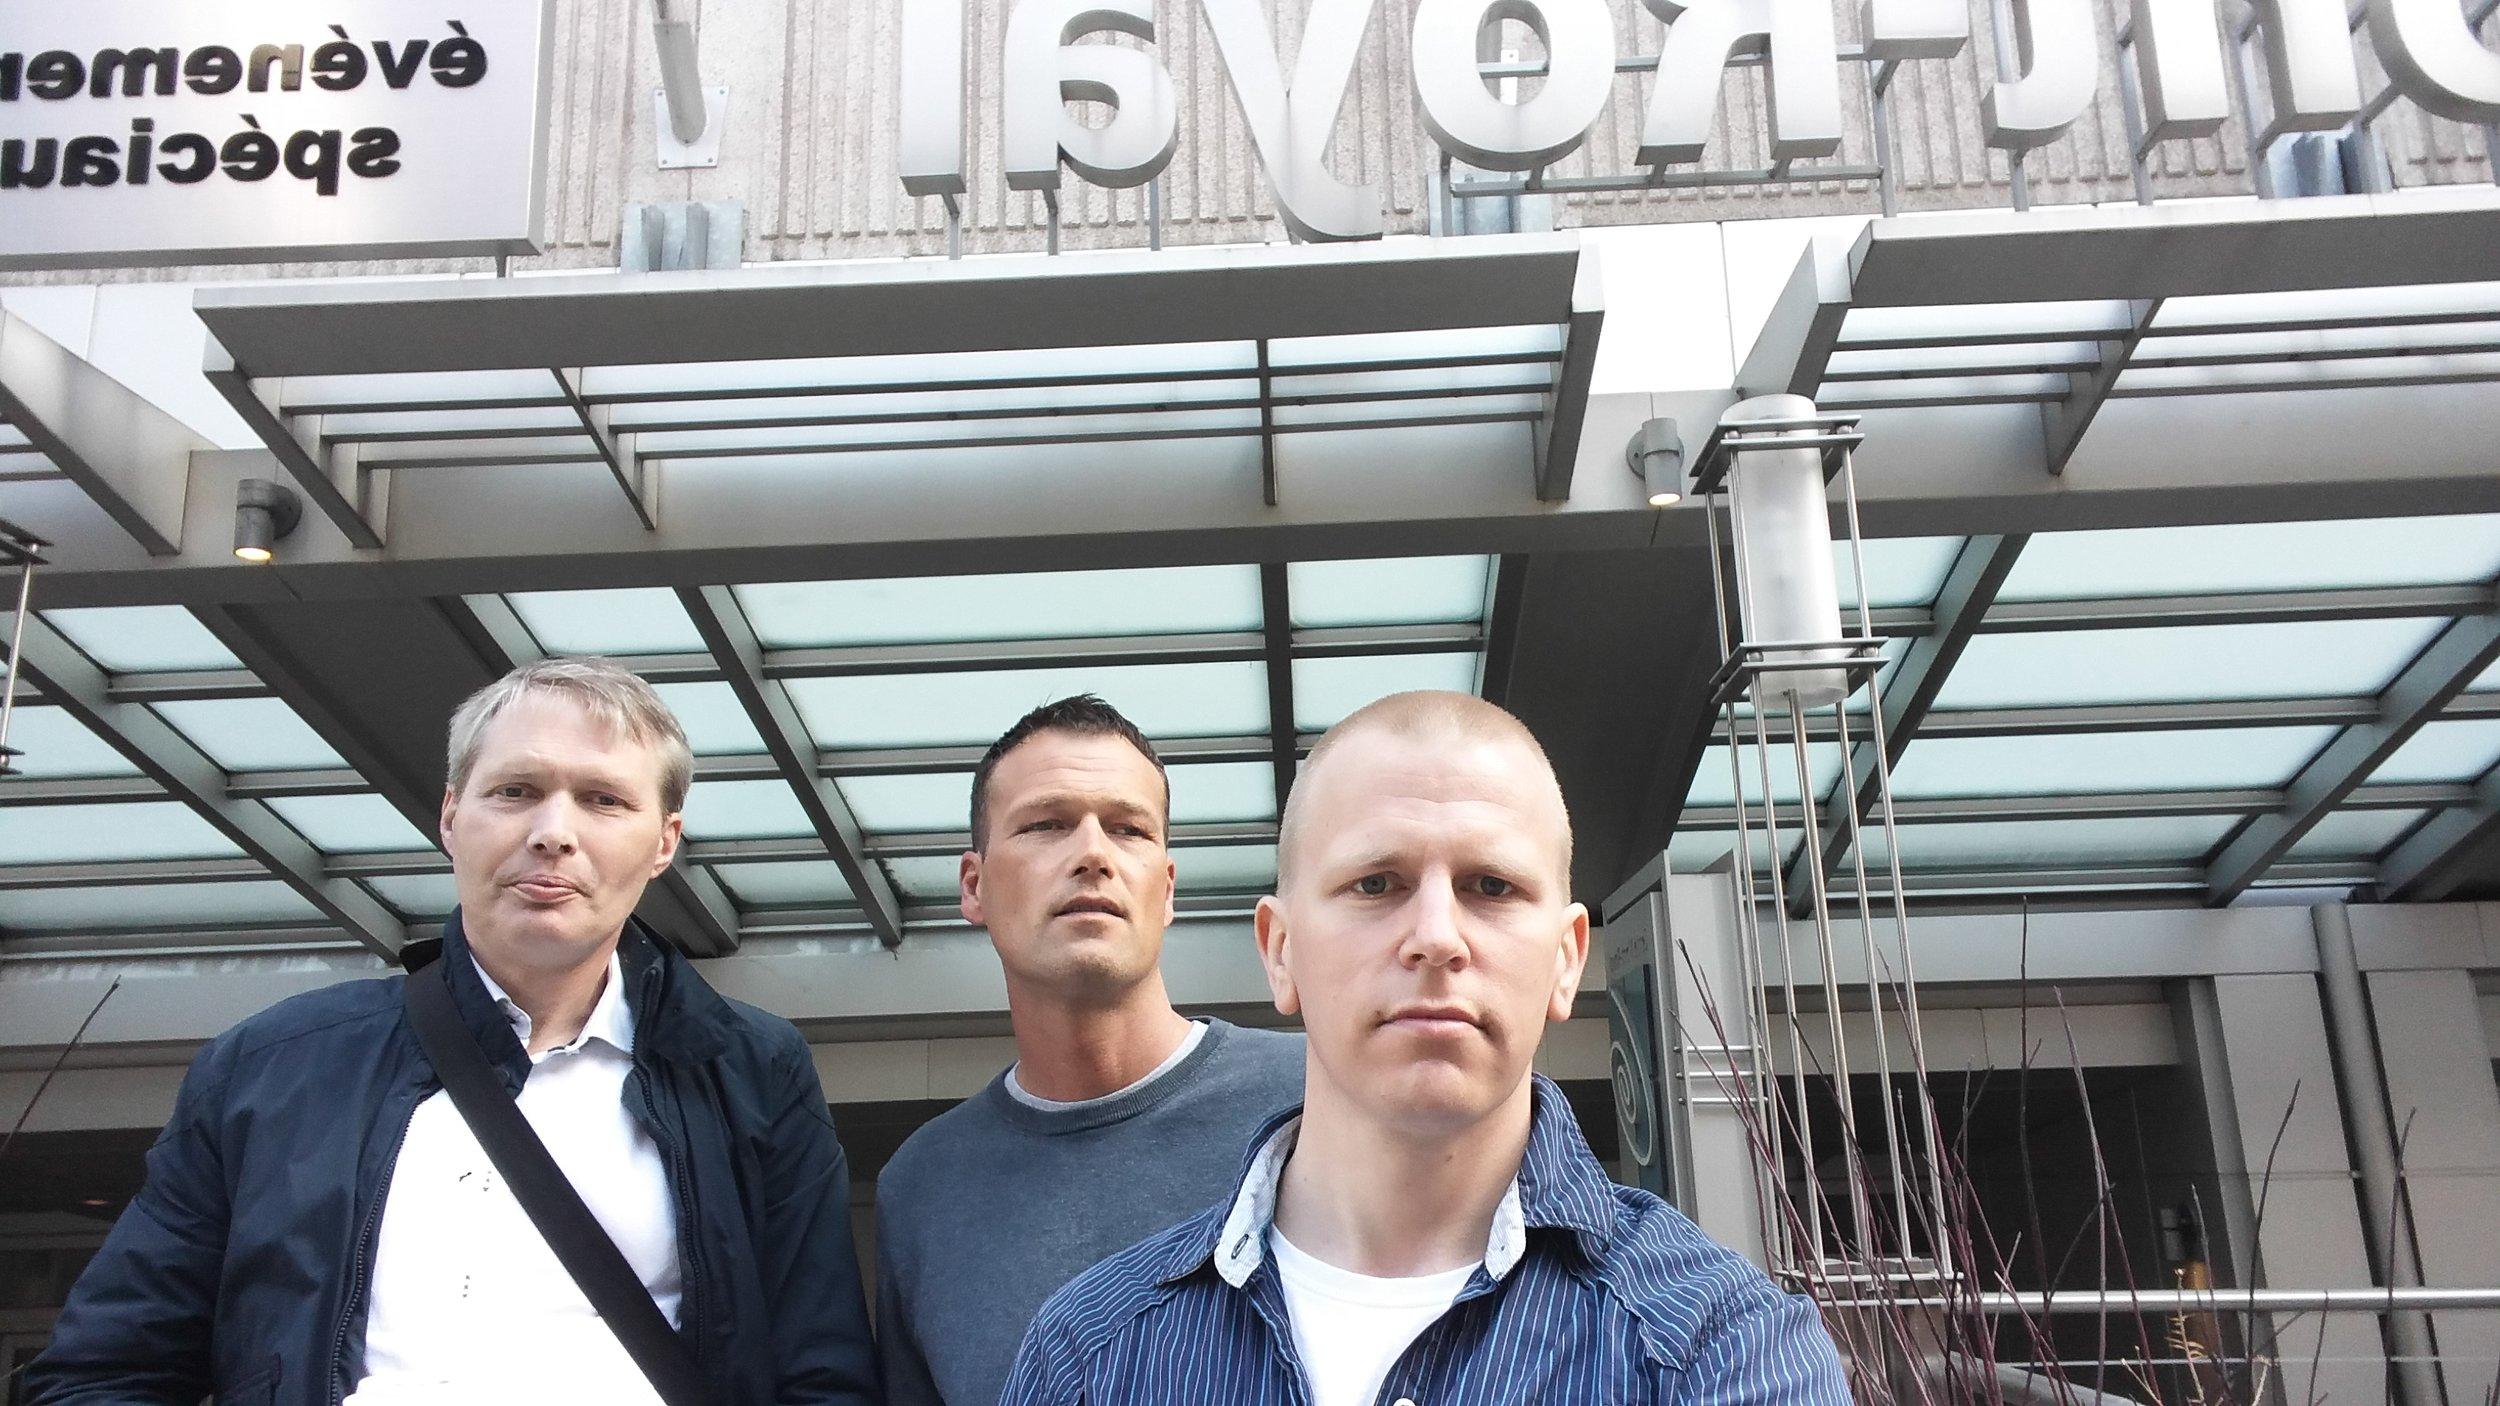 PÅ TUR: Her er proLARs representanter Ronny (t.v), Ole Jørgen og Trond-Arne på plass utenfor konferansesenteret i Montreal.